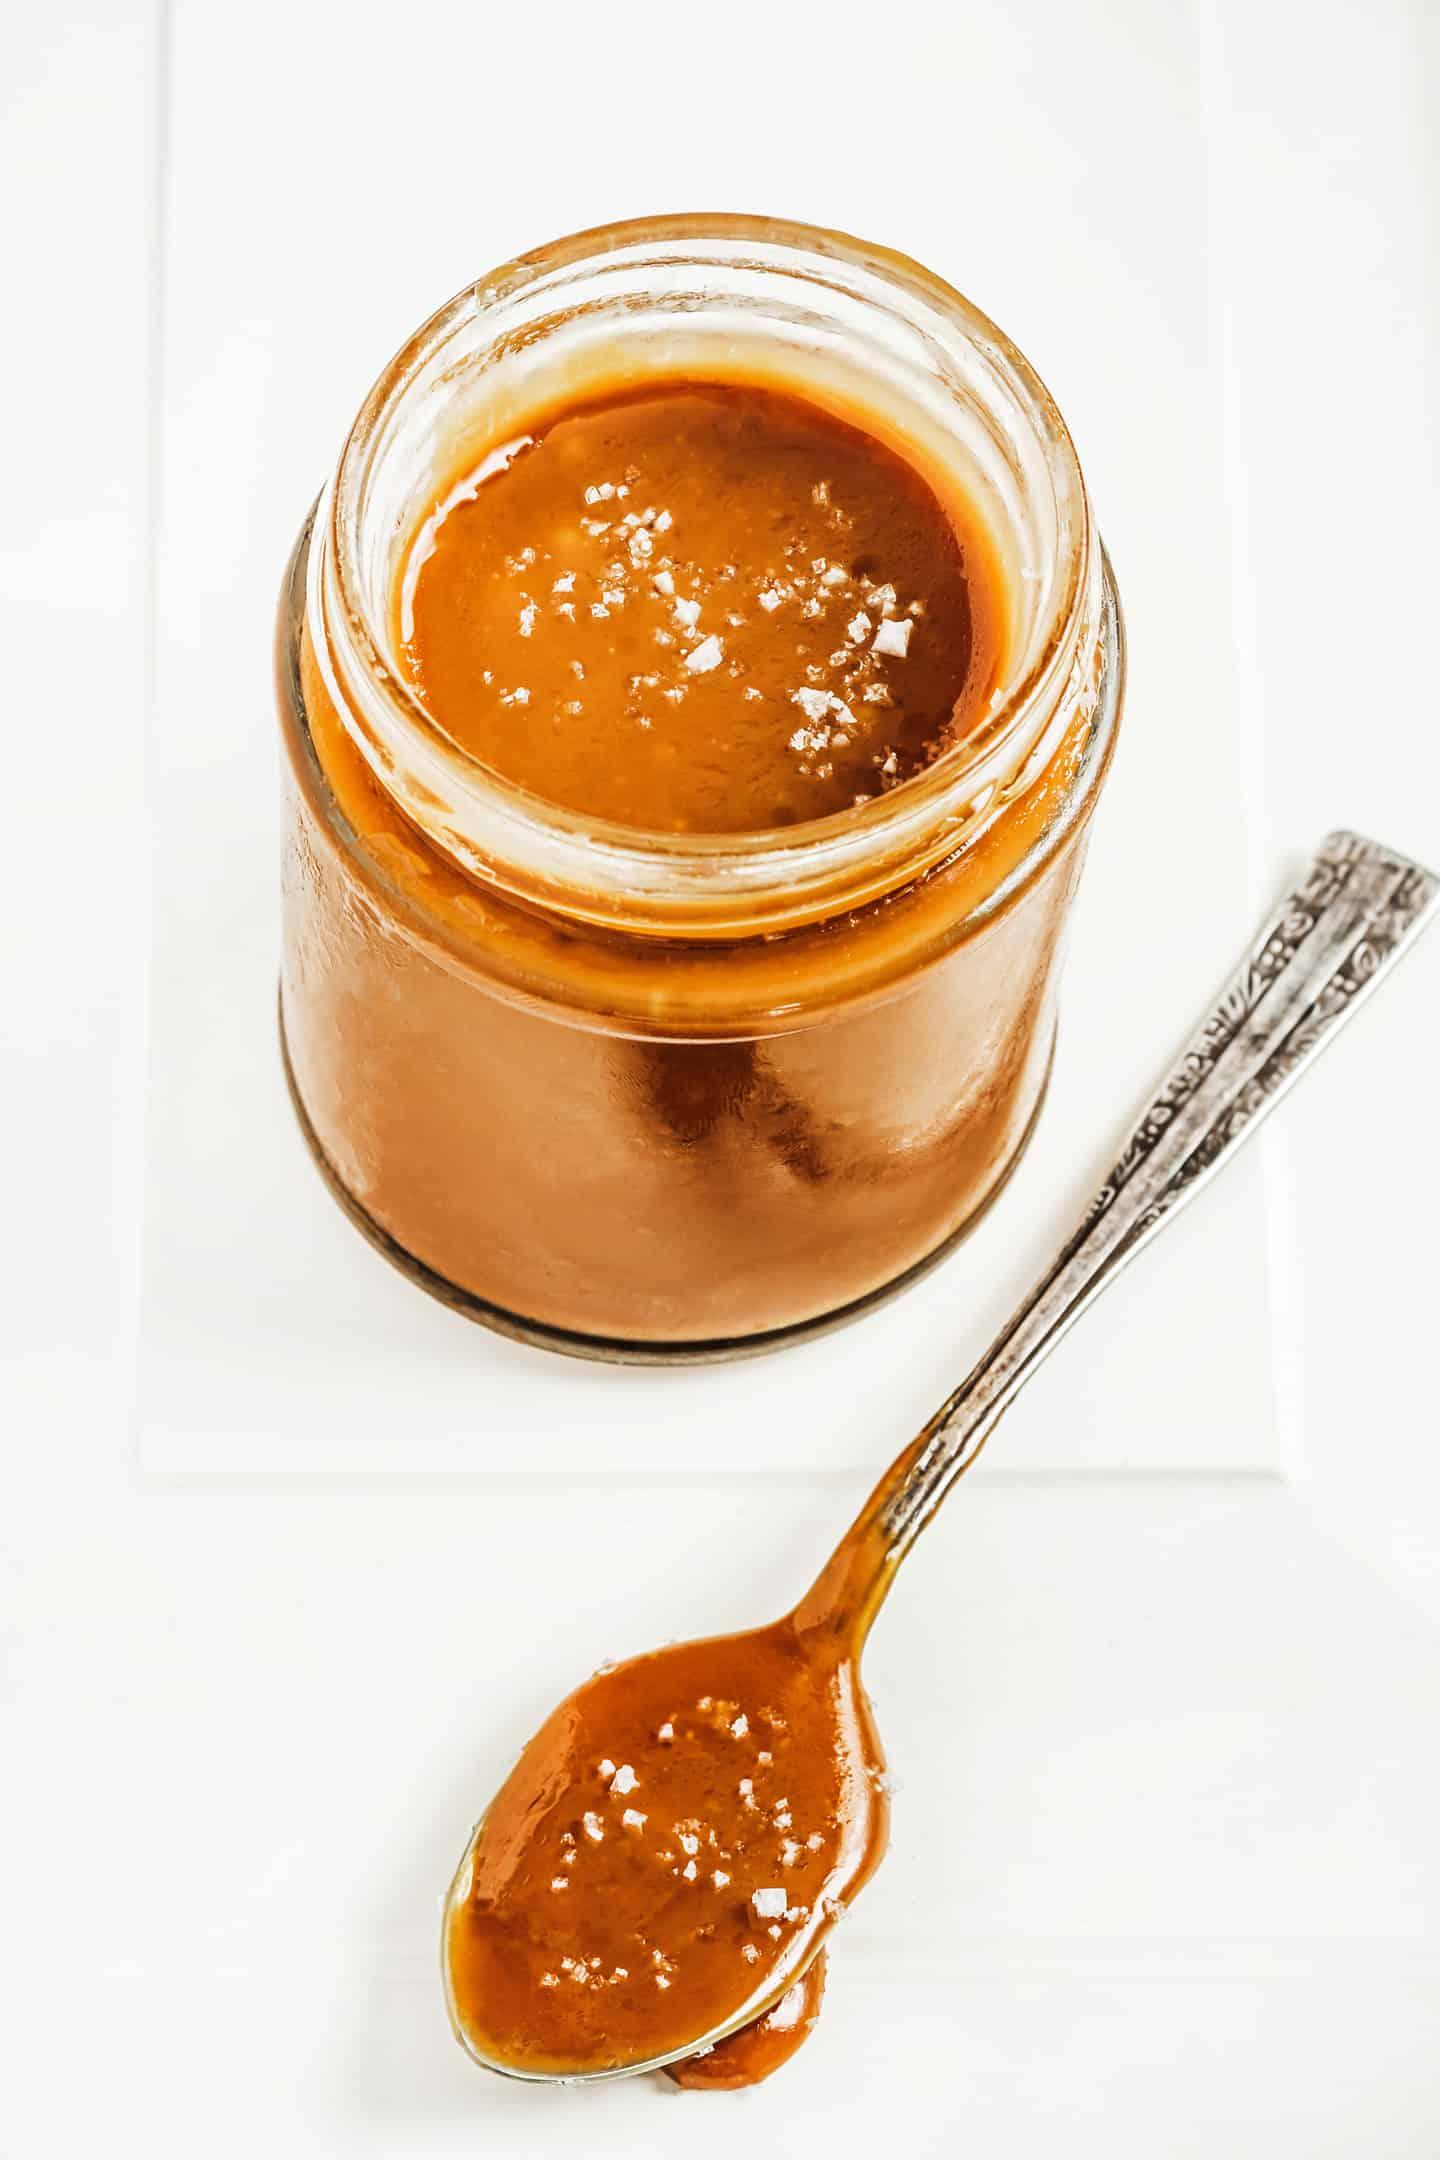 Recette facile du caramel au beurre salé maison